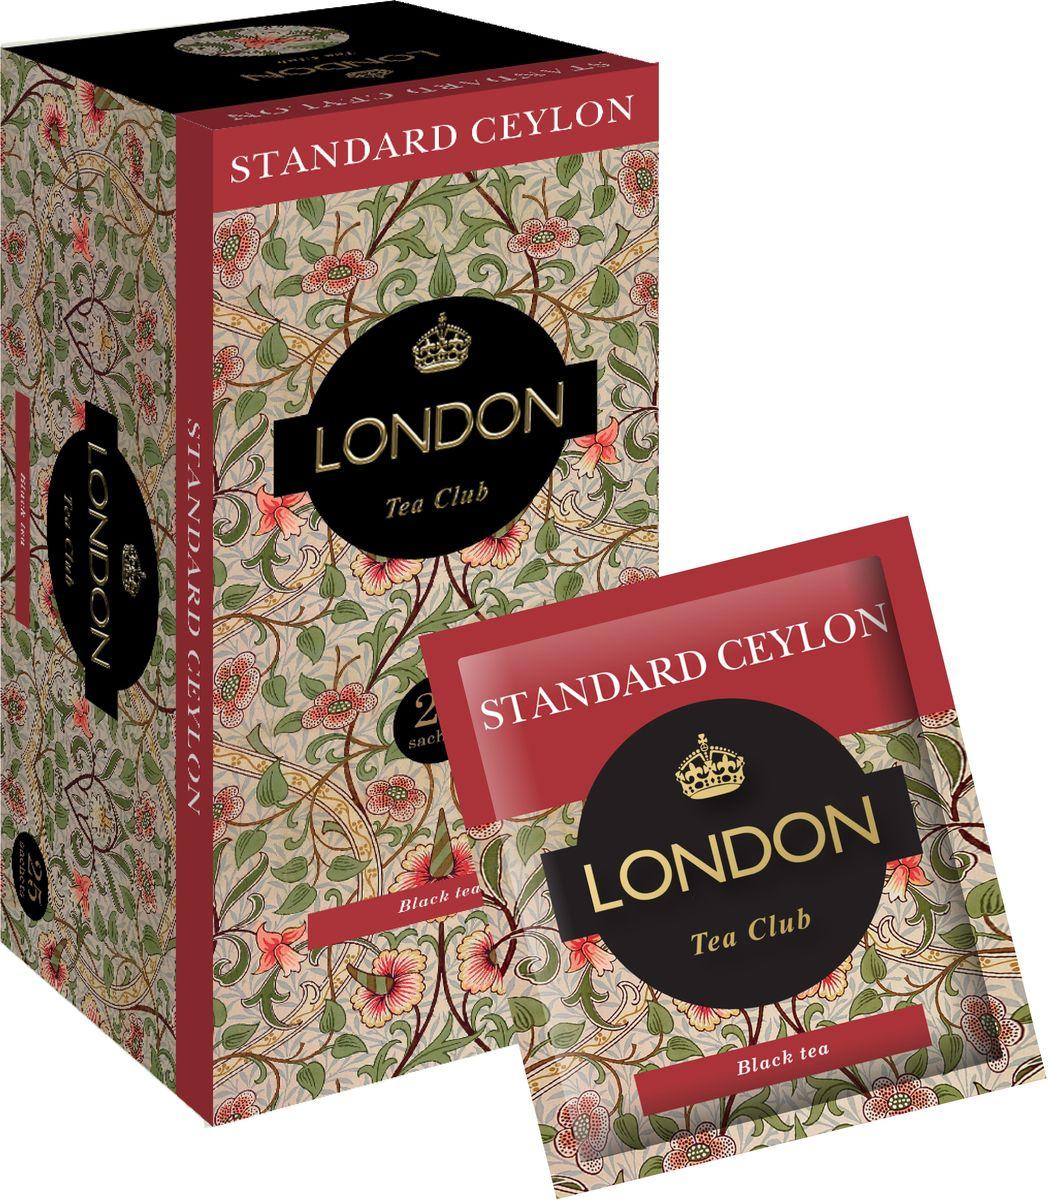 London Tea Club Standard Ceylon черный чай в пакетиках, 25 шт4607051543416Стандарт цейлонского чая хорошо известен своим качеством. Этот чай славится своим ароматом и насыщенным, крепким, терпким вкусом. Отлично сочетается с молоком или лимоном.